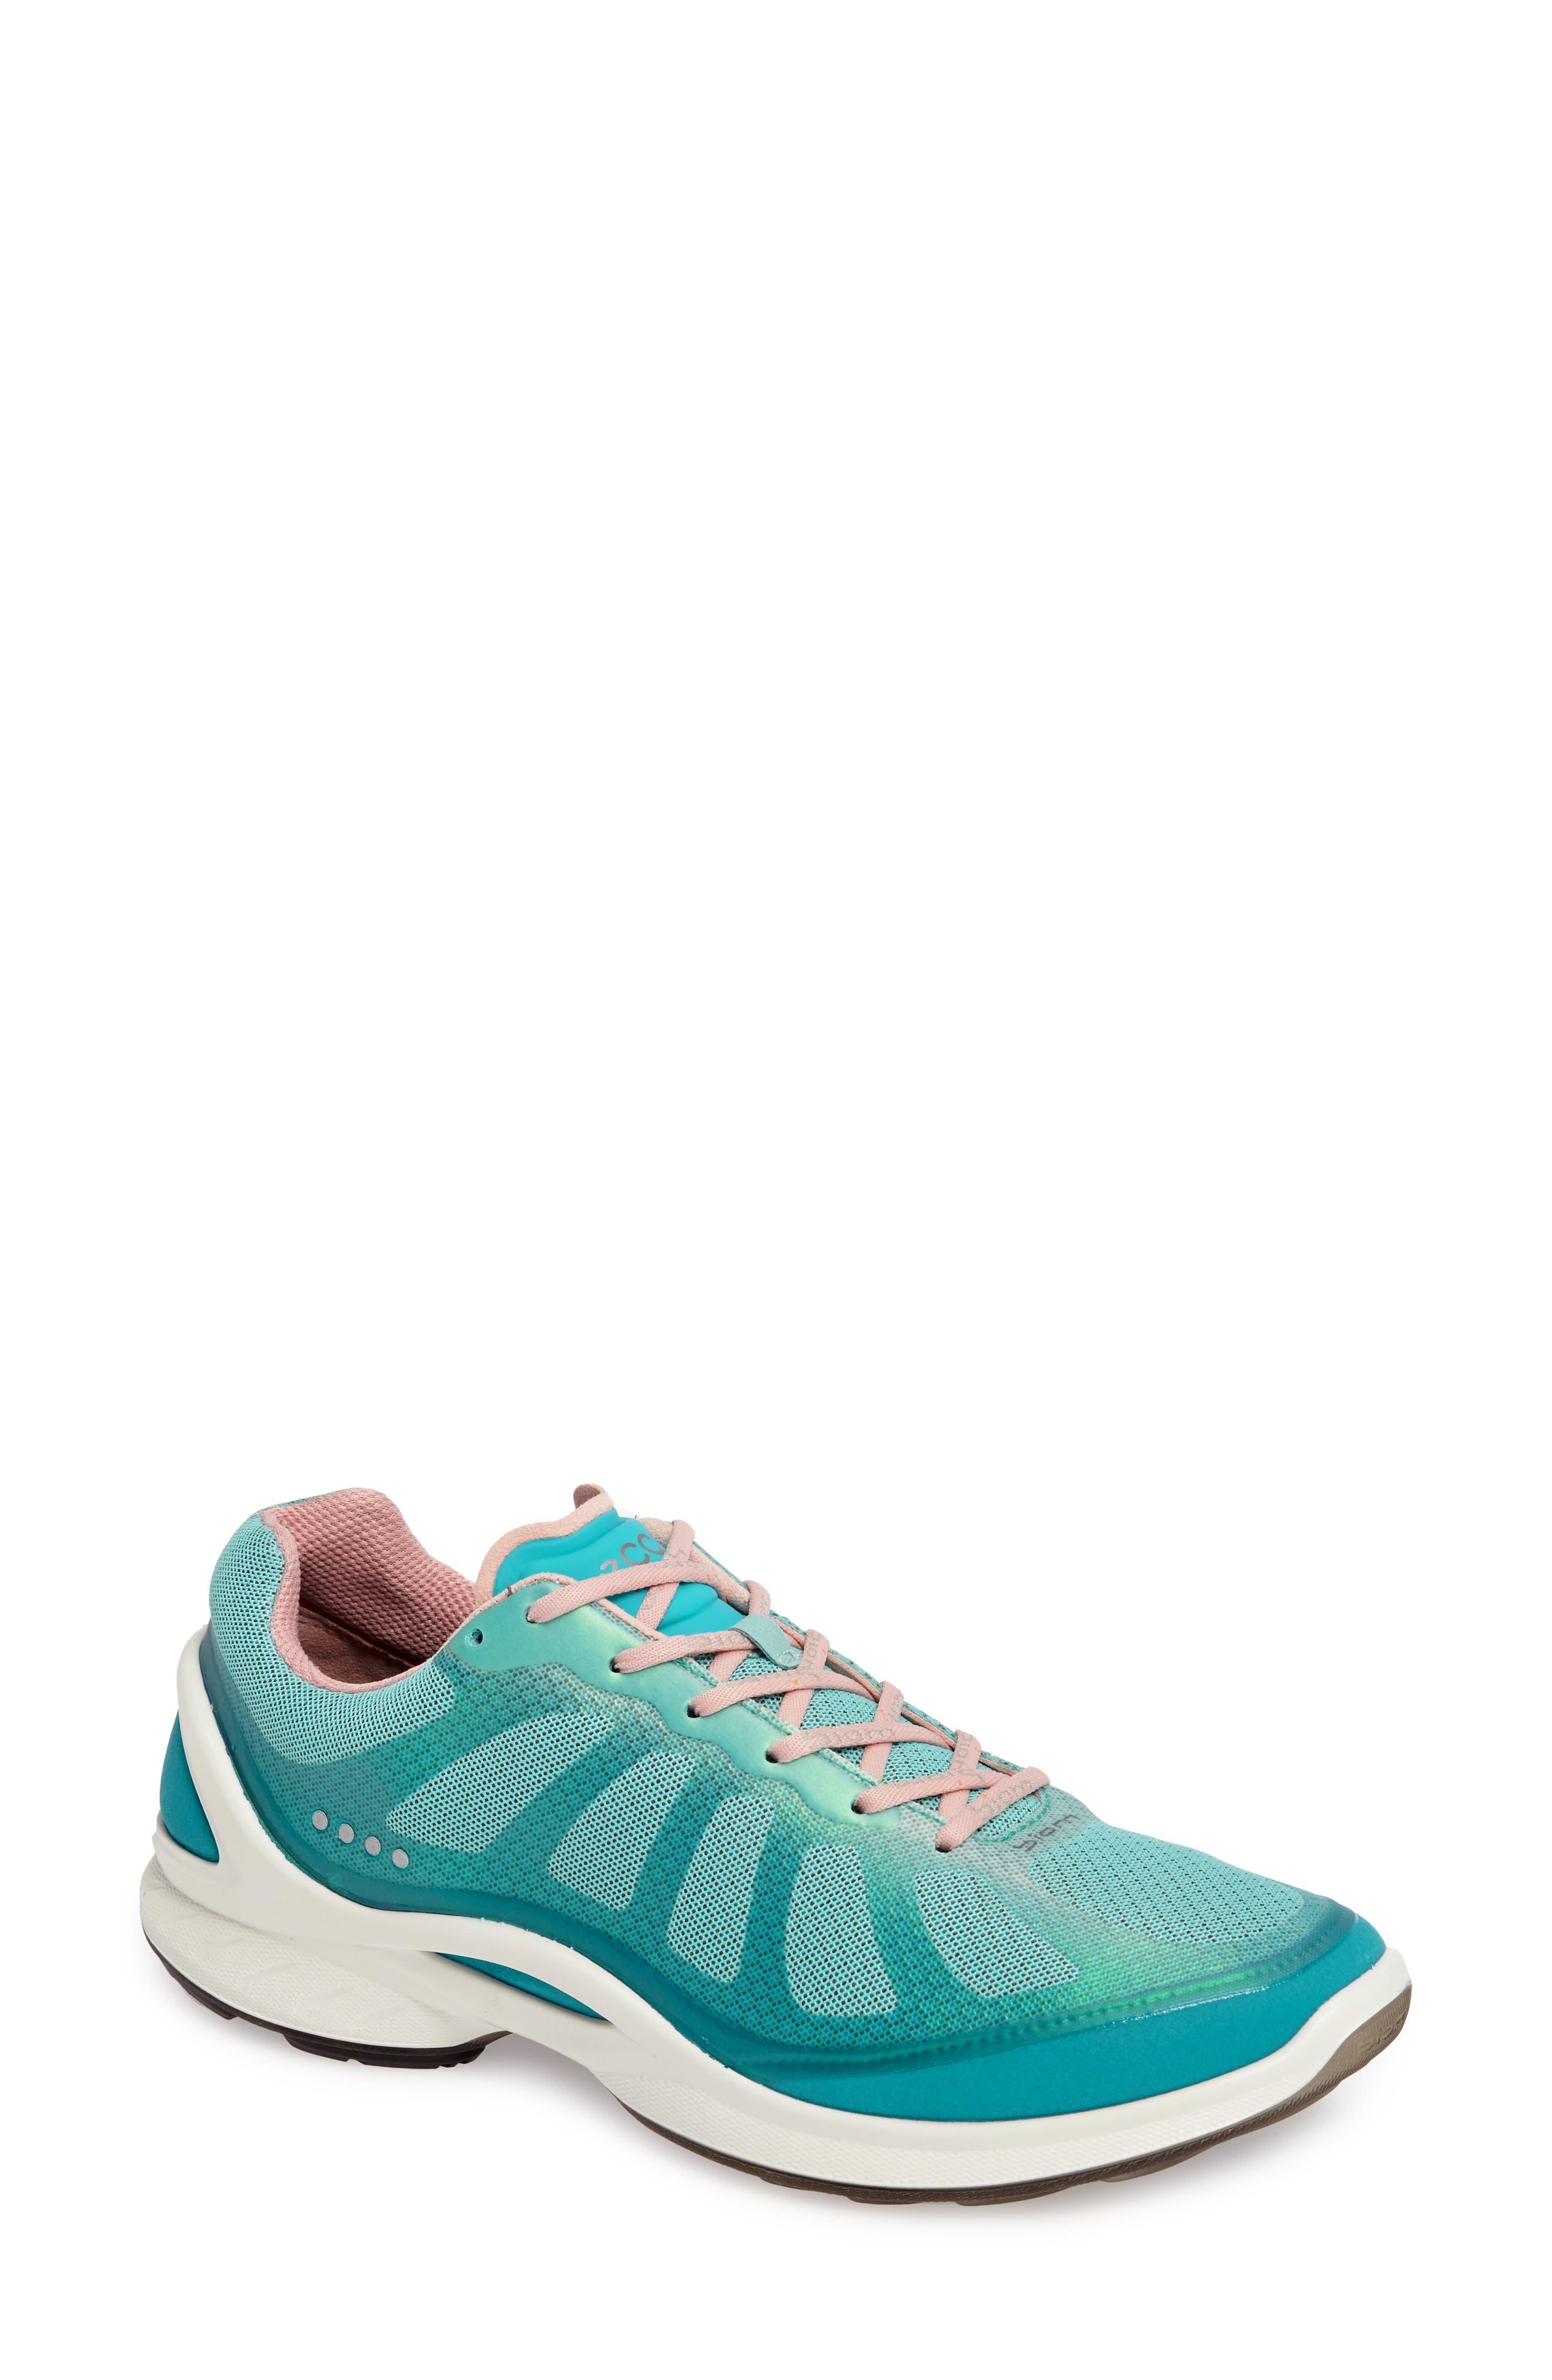 2a01c047918fc ECCO Women's Shoes